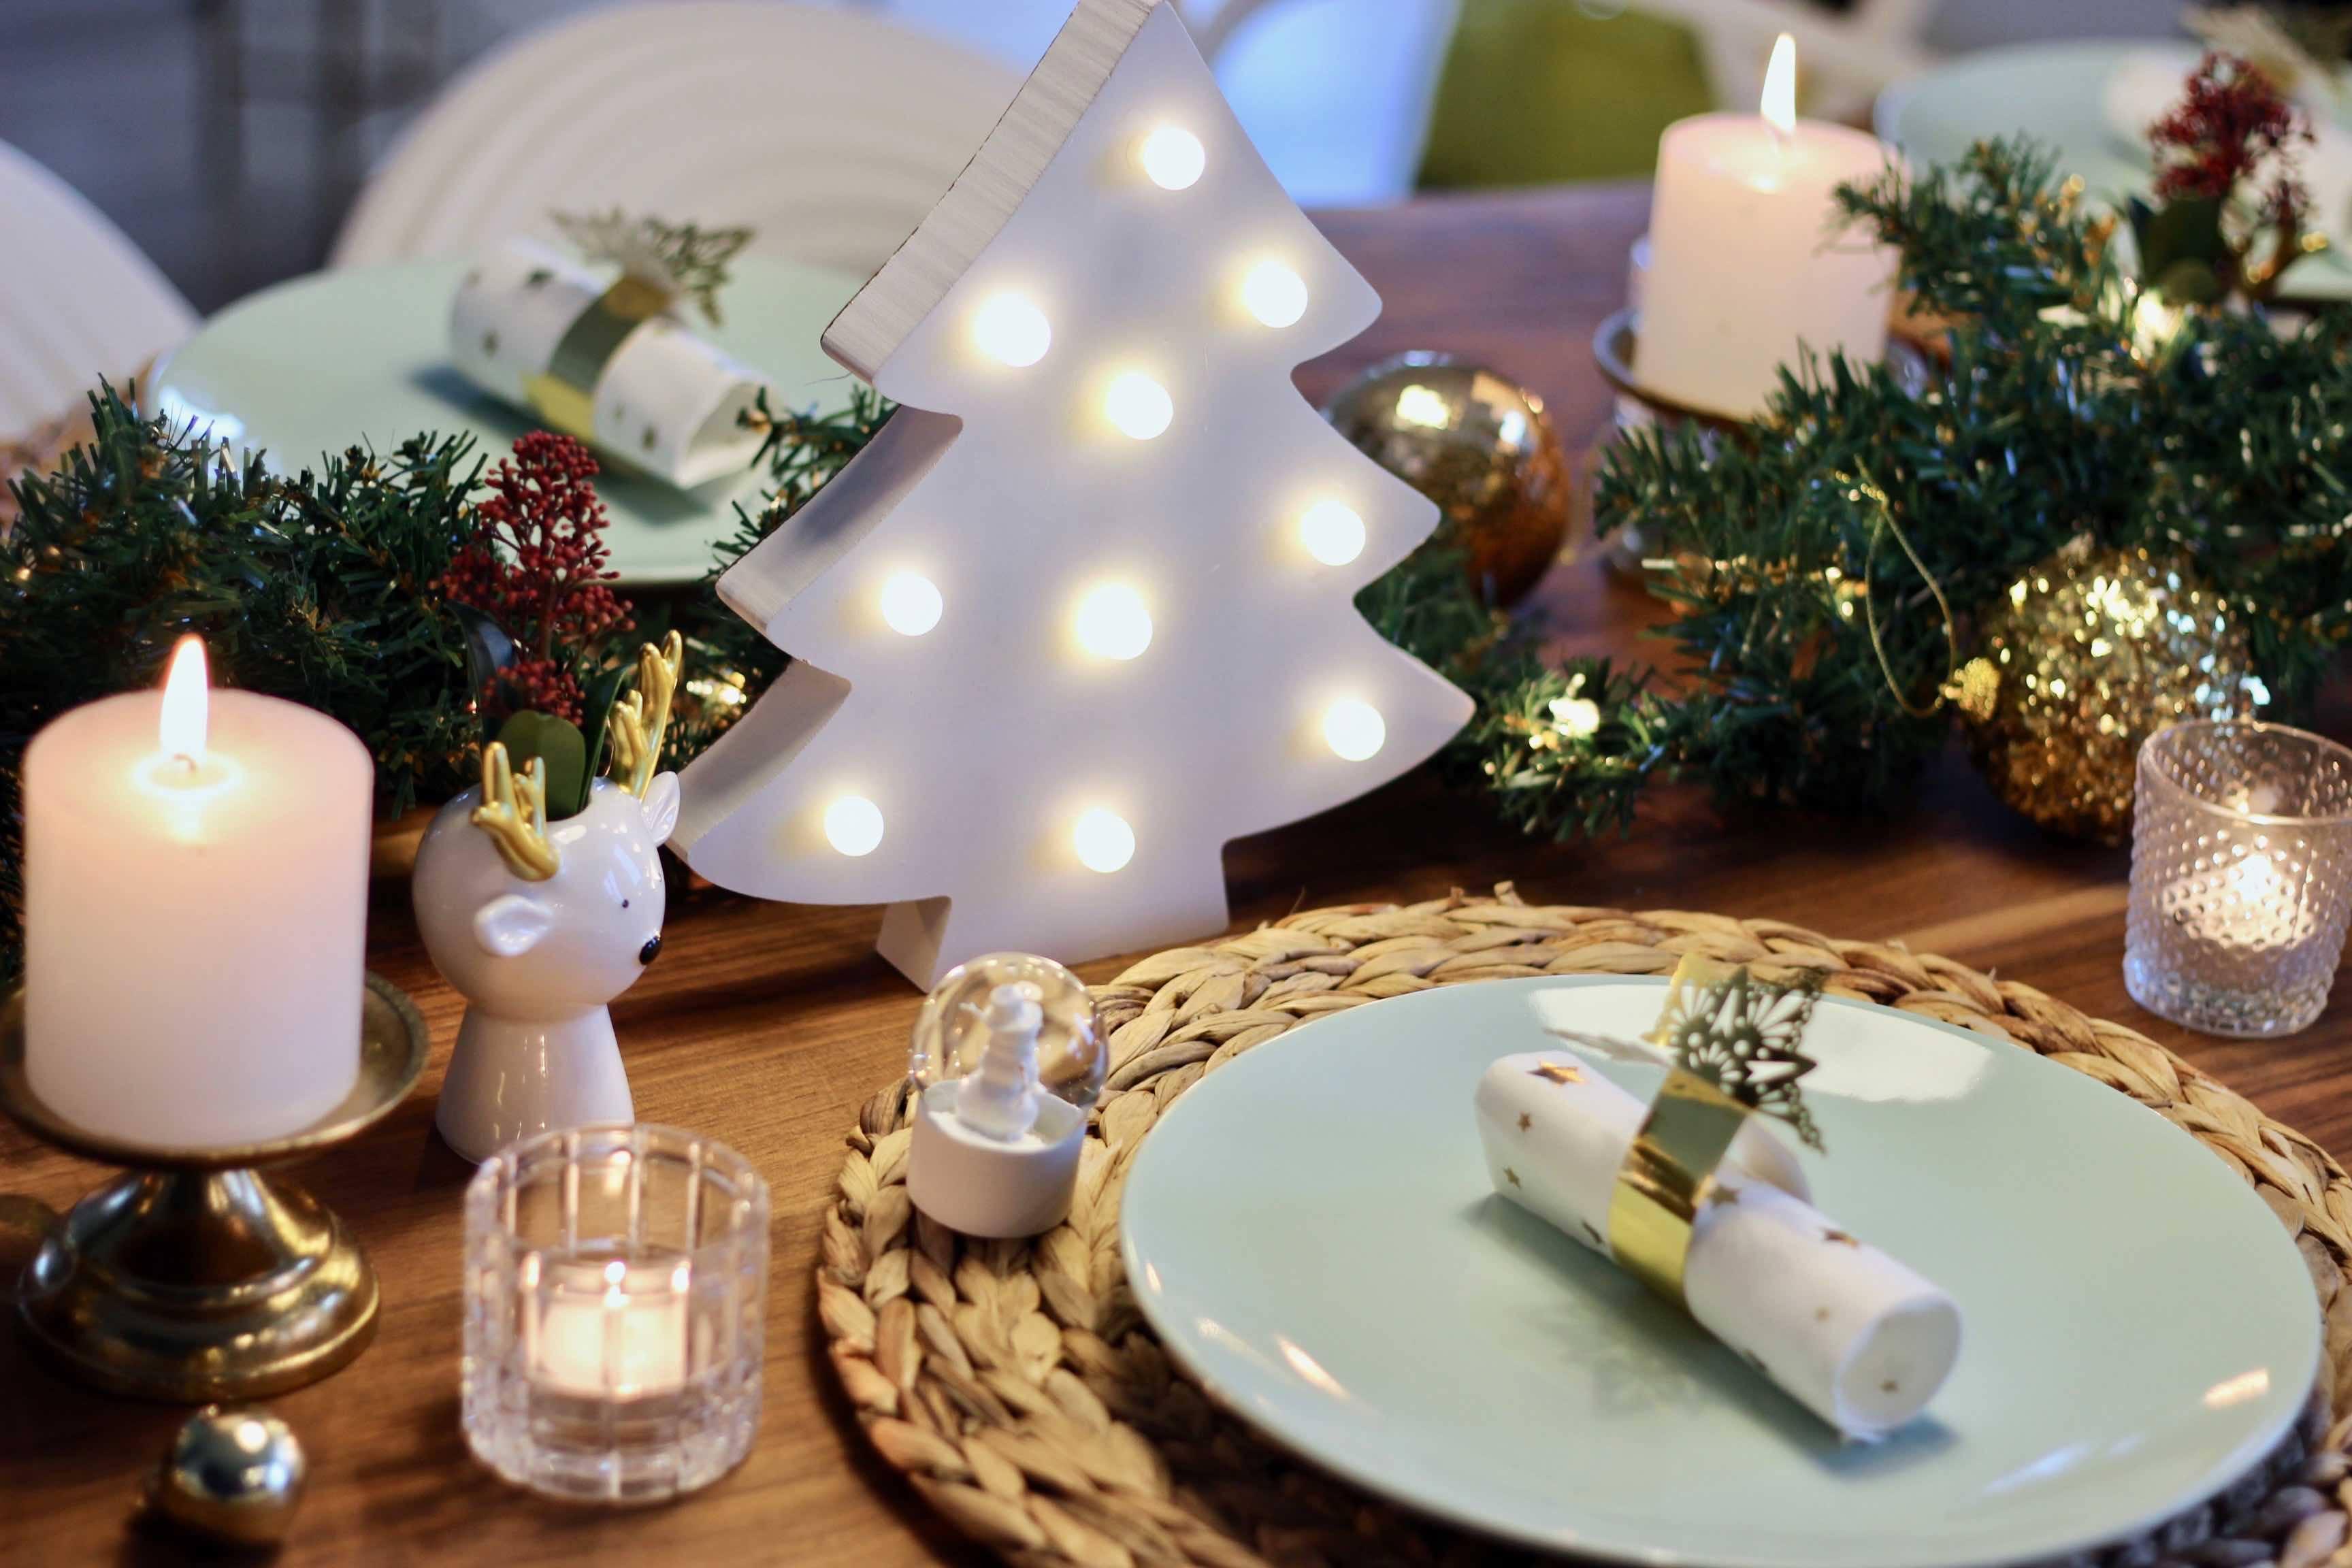 Magnifiek Dit zijn de meest populaire kerst recepten (+ mijn tafelaankleding @KL47